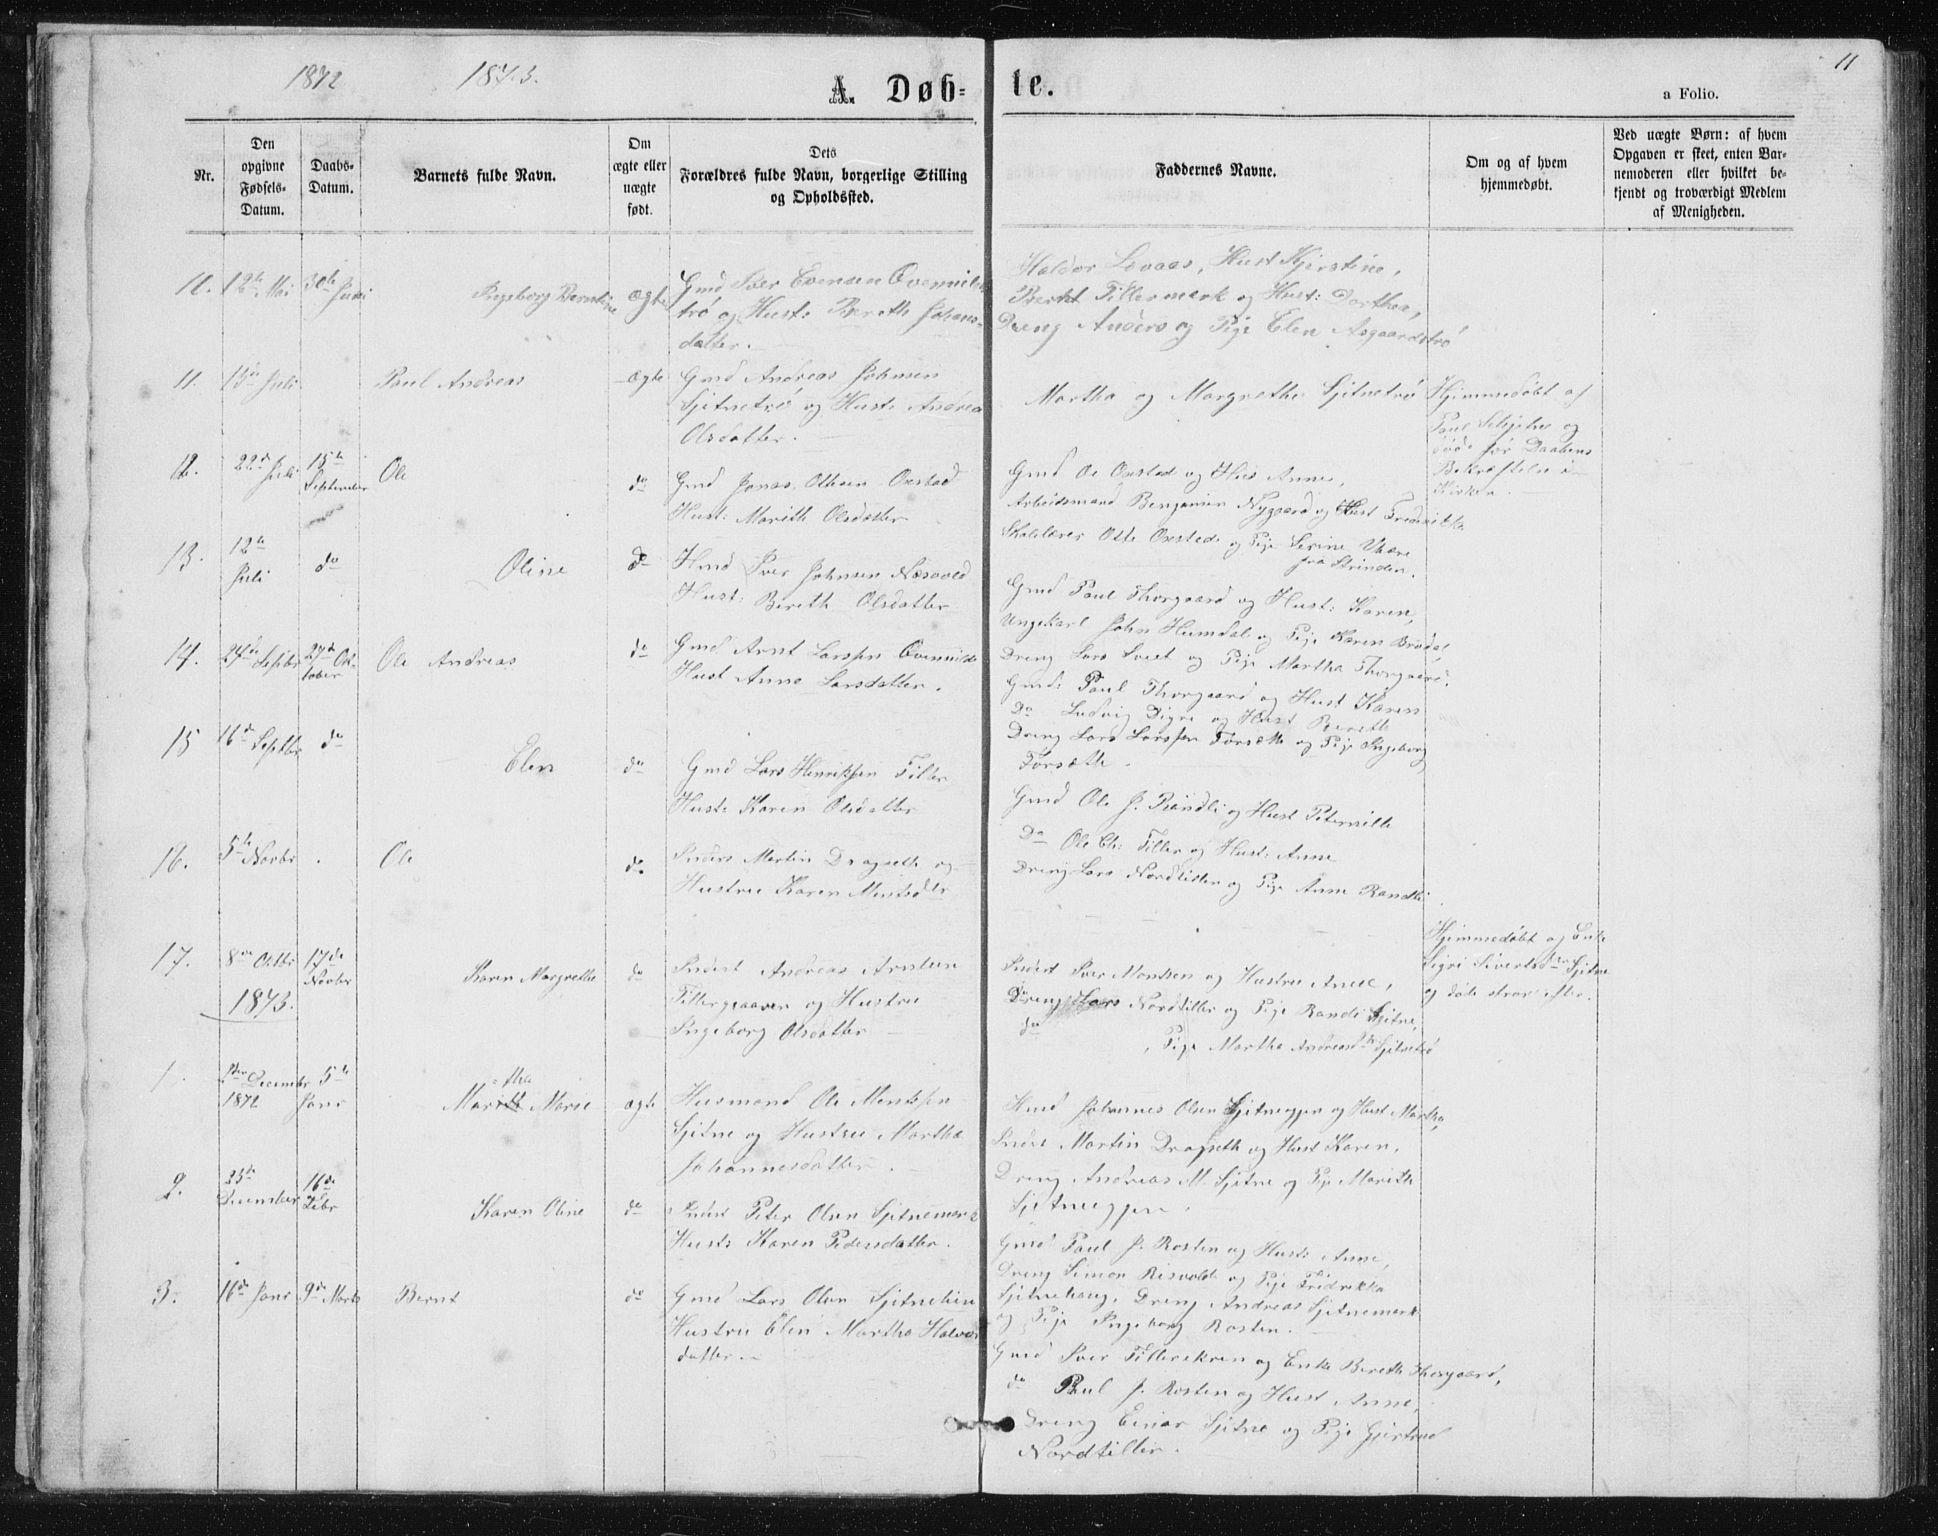 SAT, Ministerialprotokoller, klokkerbøker og fødselsregistre - Sør-Trøndelag, 621/L0459: Klokkerbok nr. 621C02, 1866-1895, s. 11